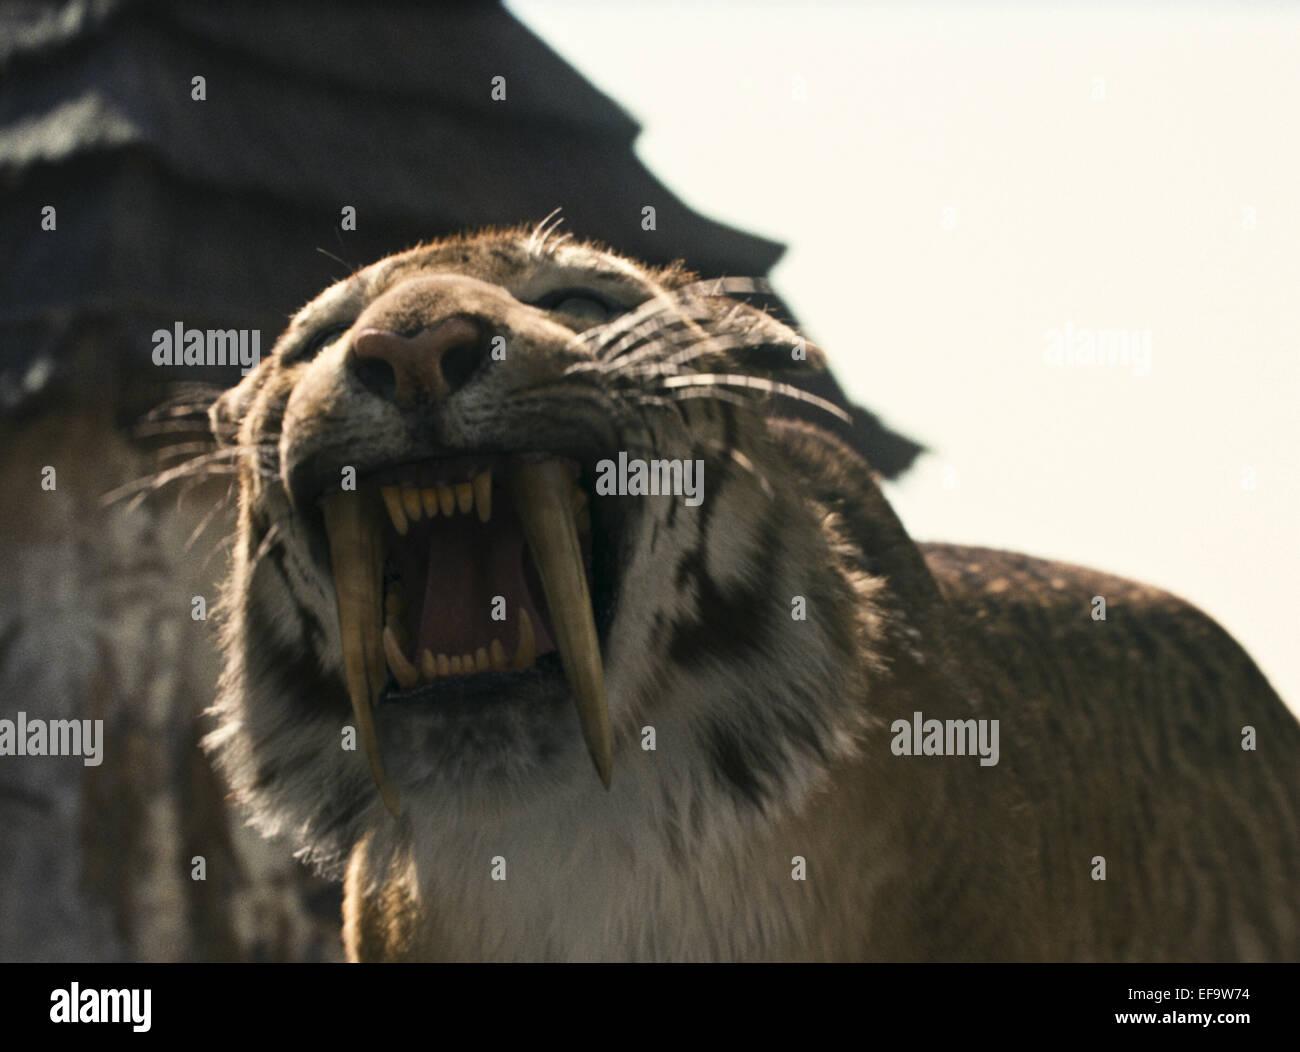 6cc4d43b5 Sabre Tooth Tiger Stock Photos & Sabre Tooth Tiger Stock Images - Alamy